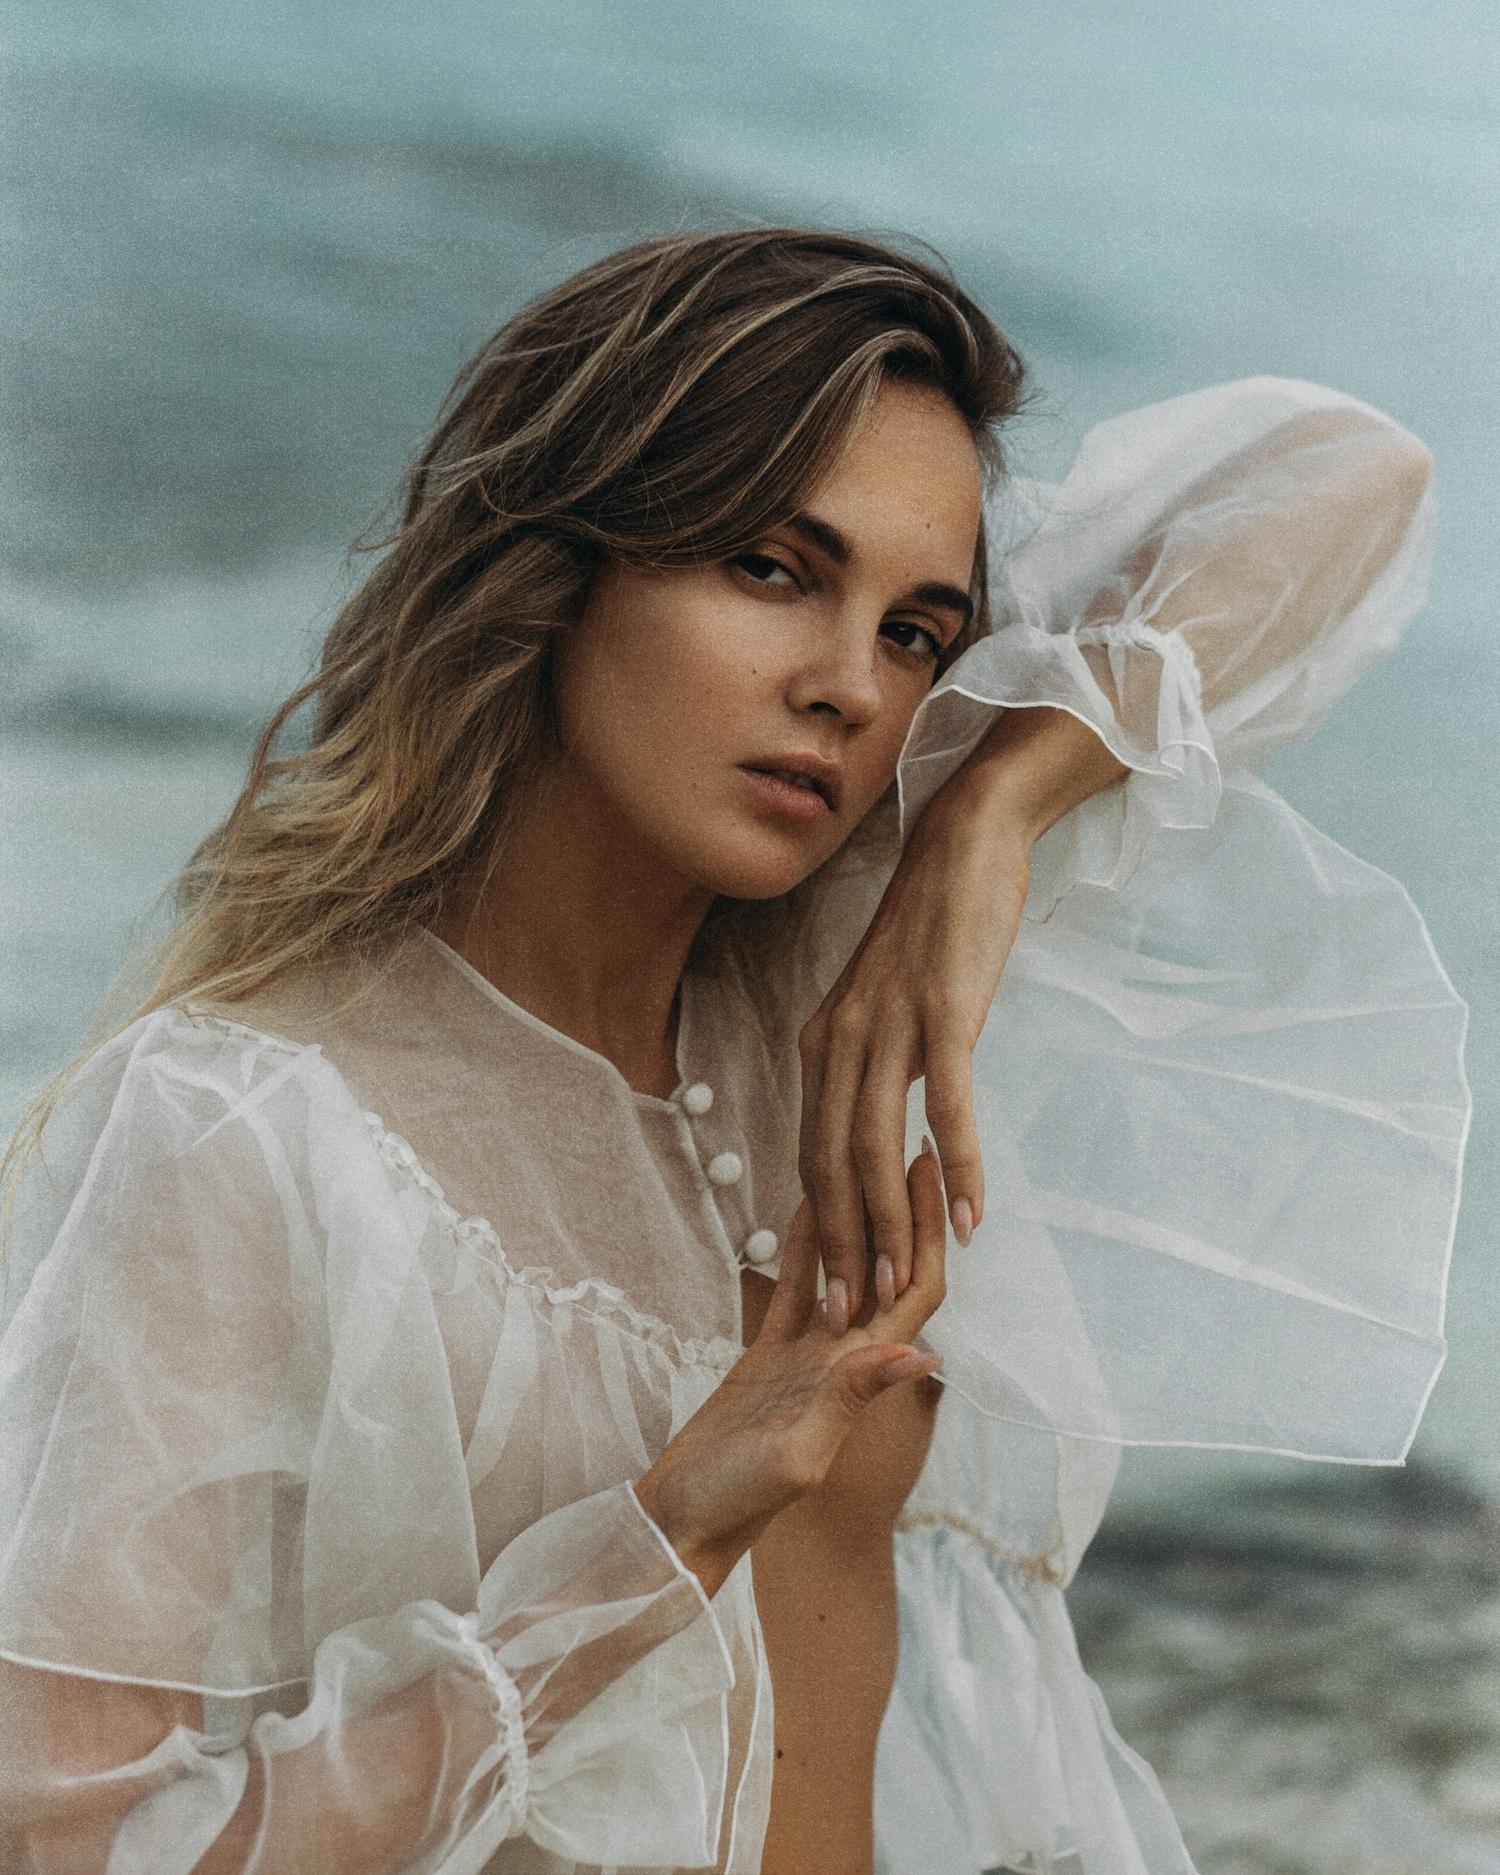 Maria Bessonova by Viktoria Zolotovskaya